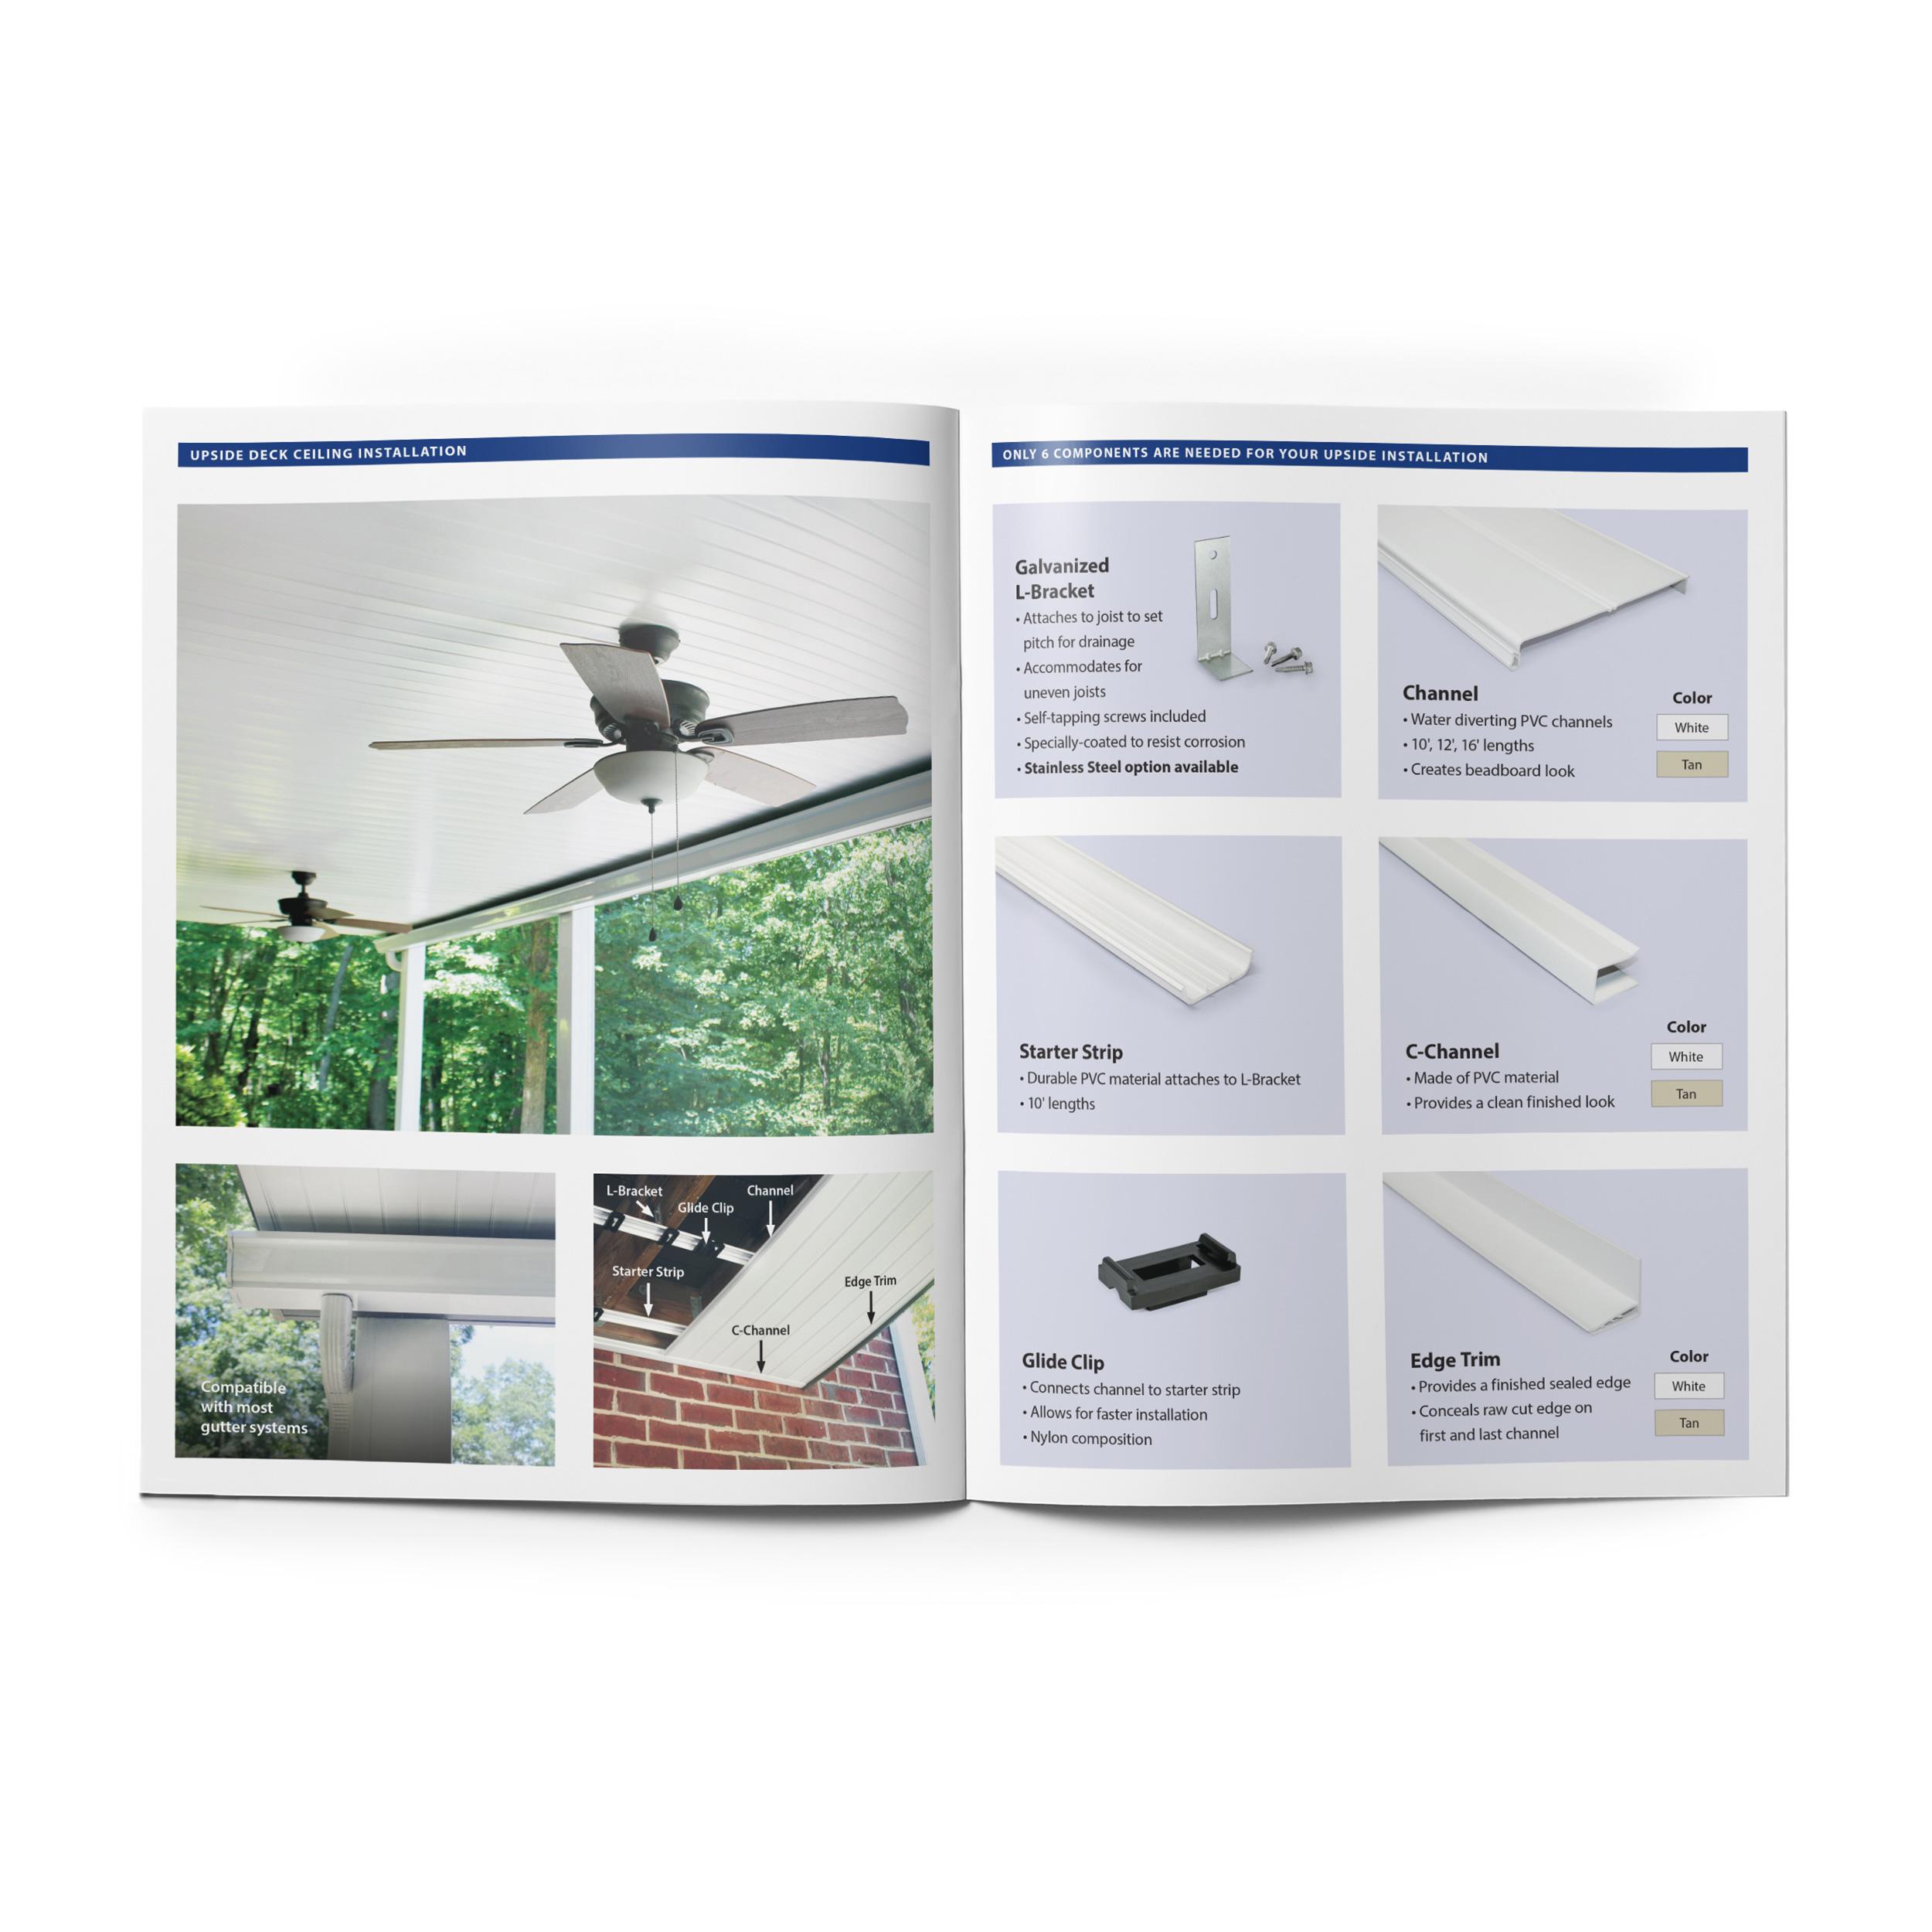 upside_collateral_brochure-inside_V2.jpg